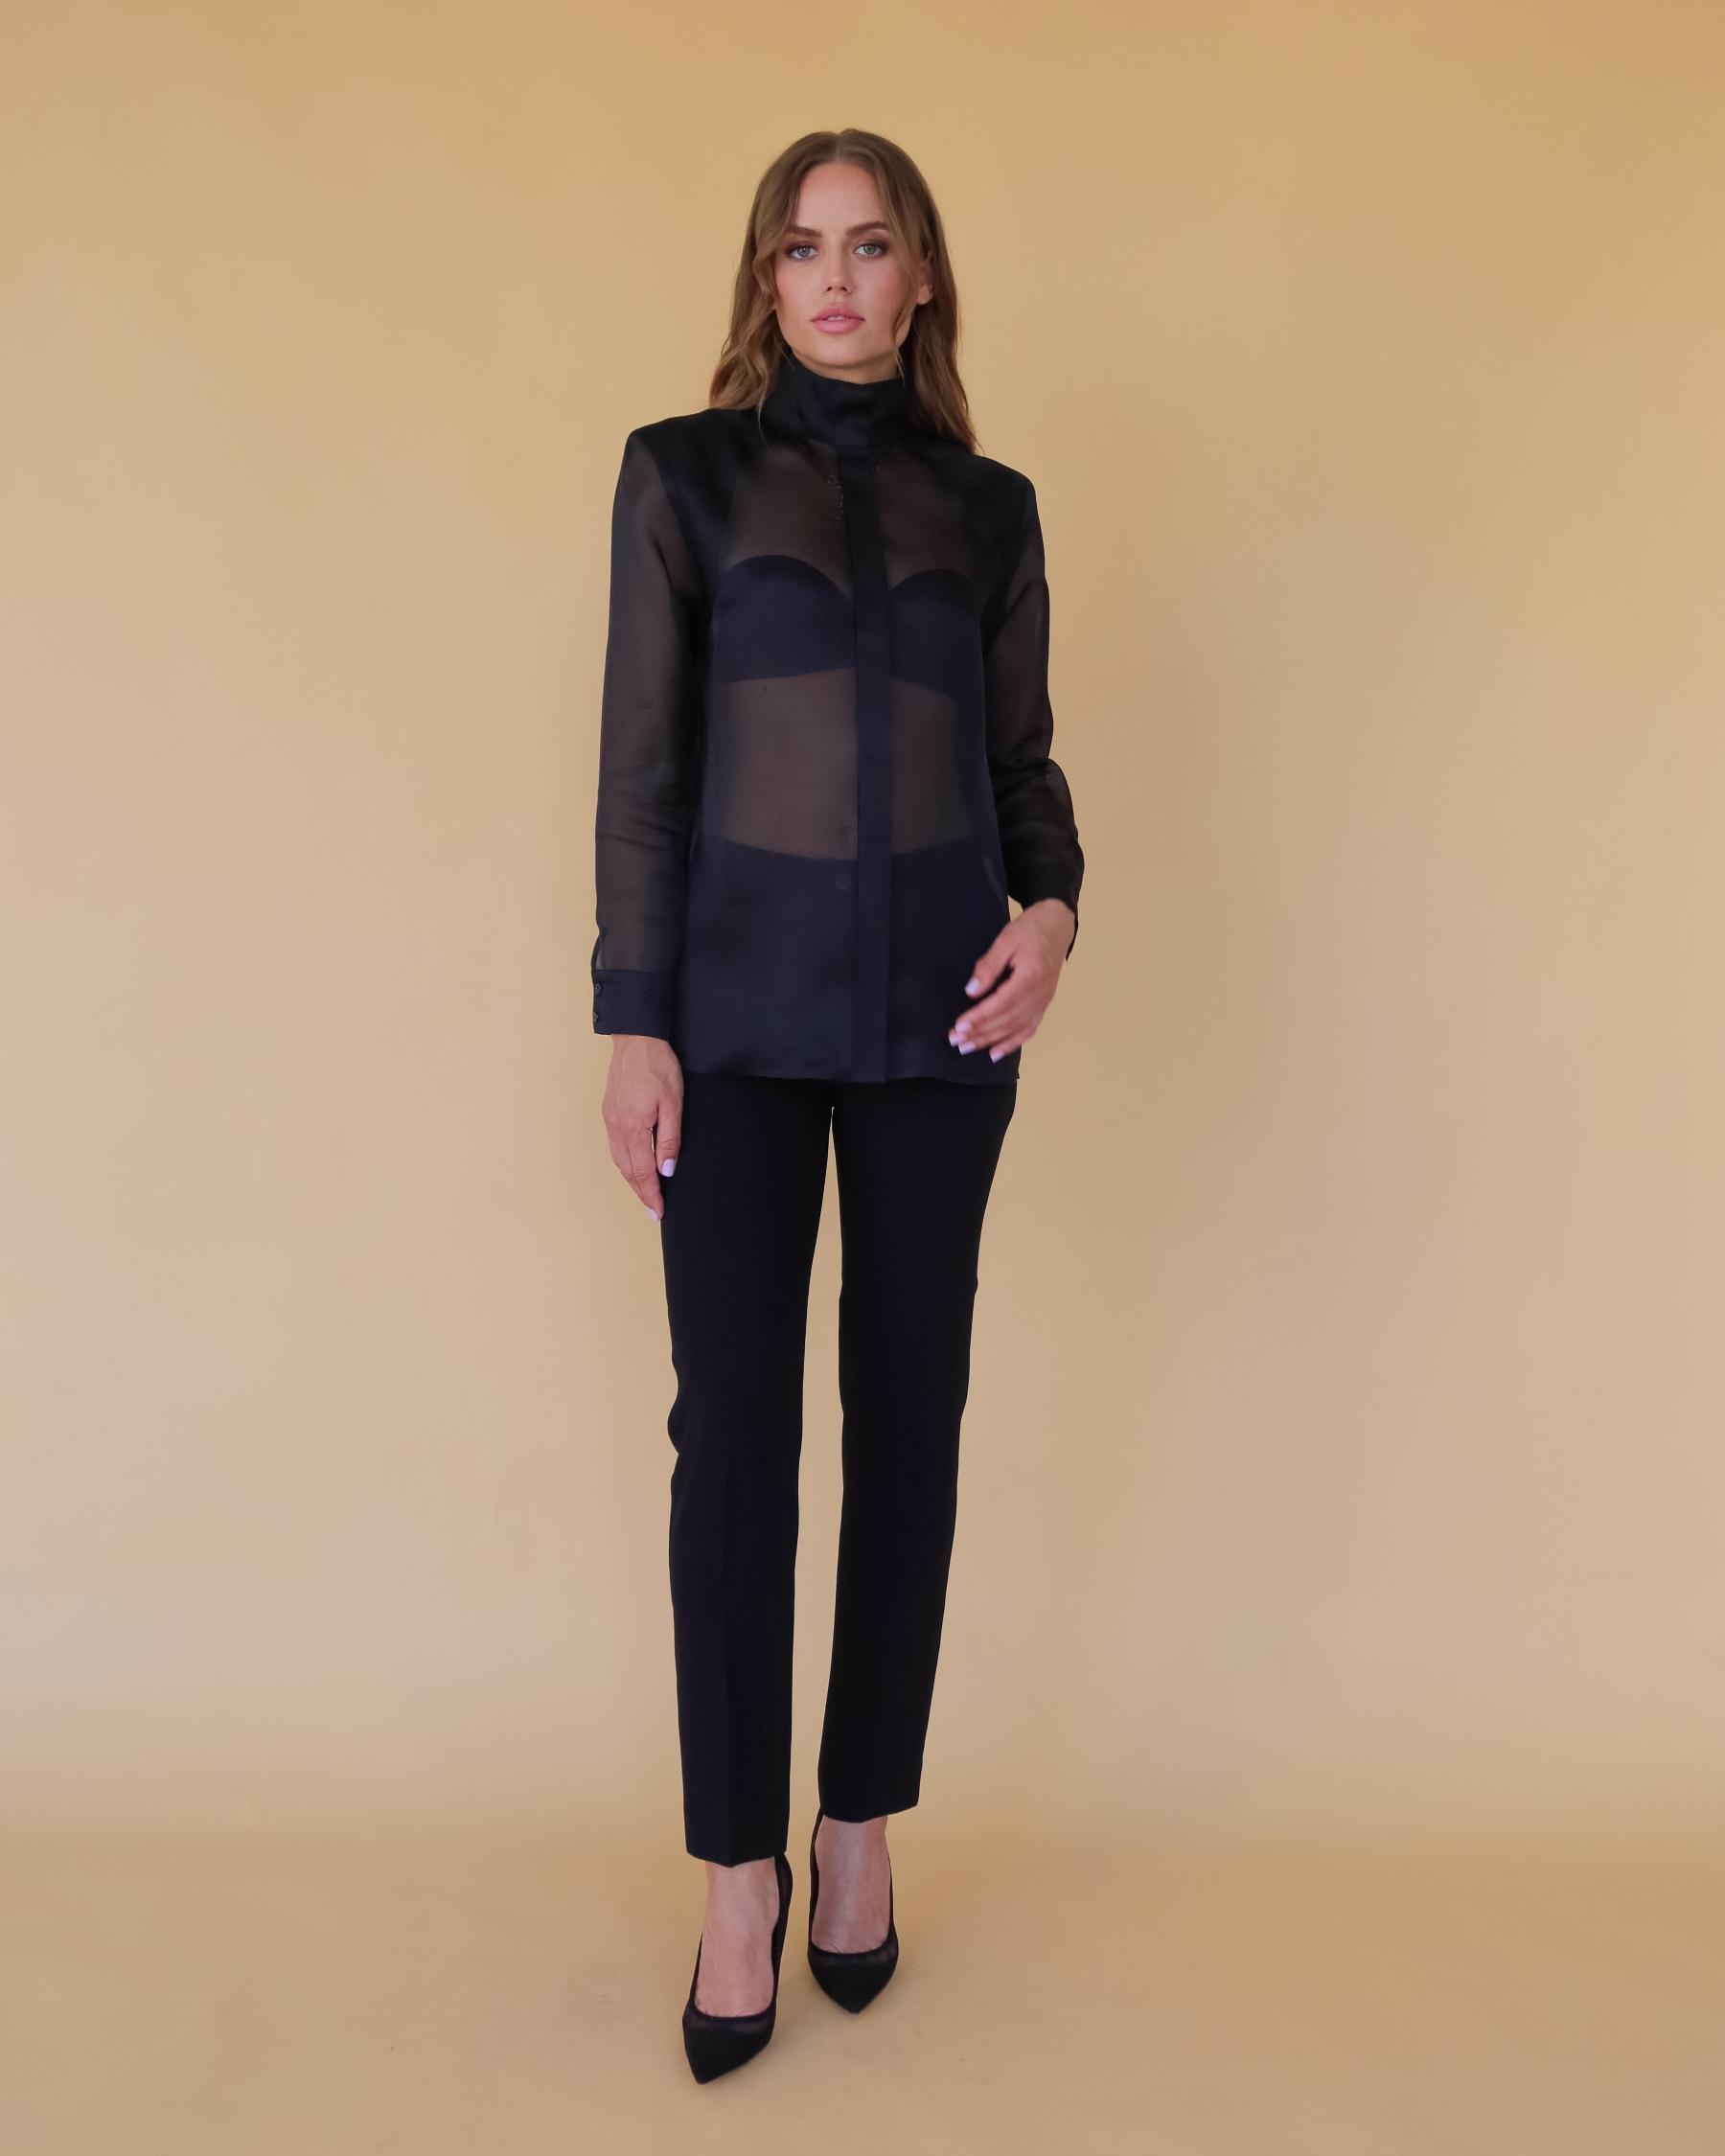 Шелковая блуза с подплечниками из шелка органзы черного цвета